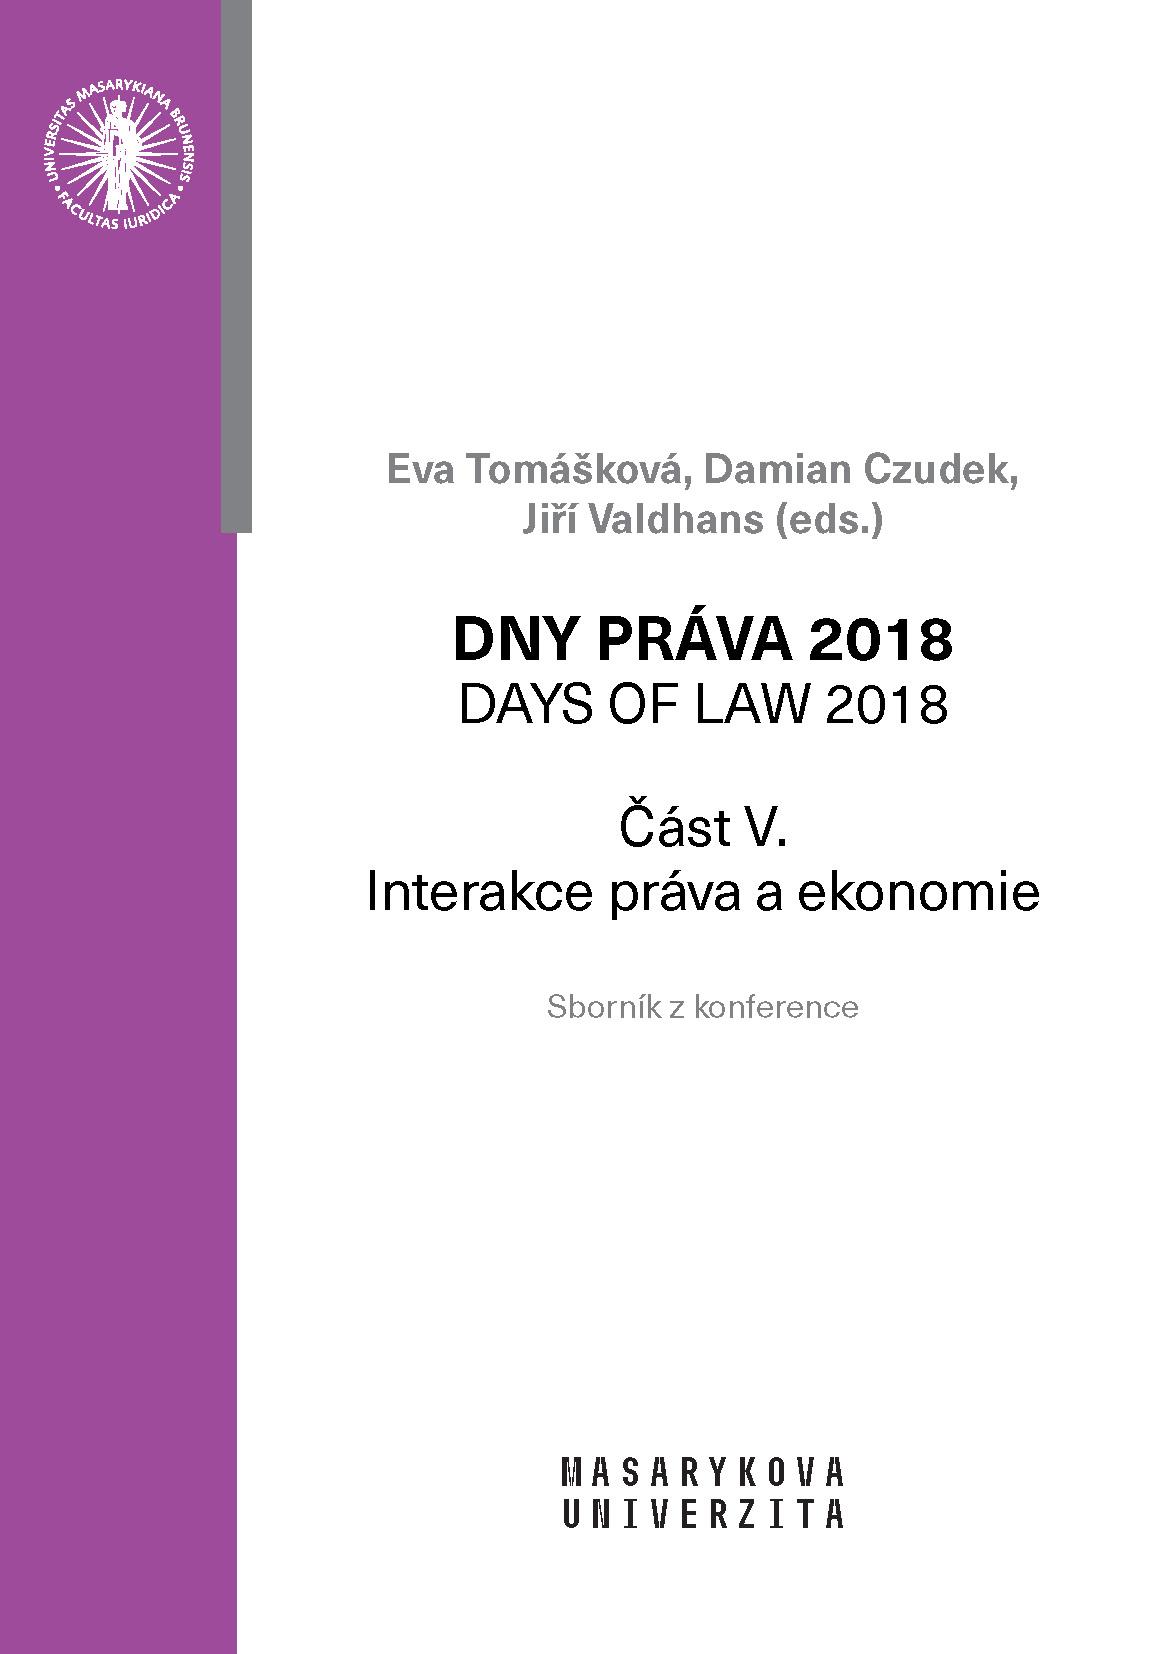 Obálka pro Dny práva 2018. Interakce práva a ekonomie